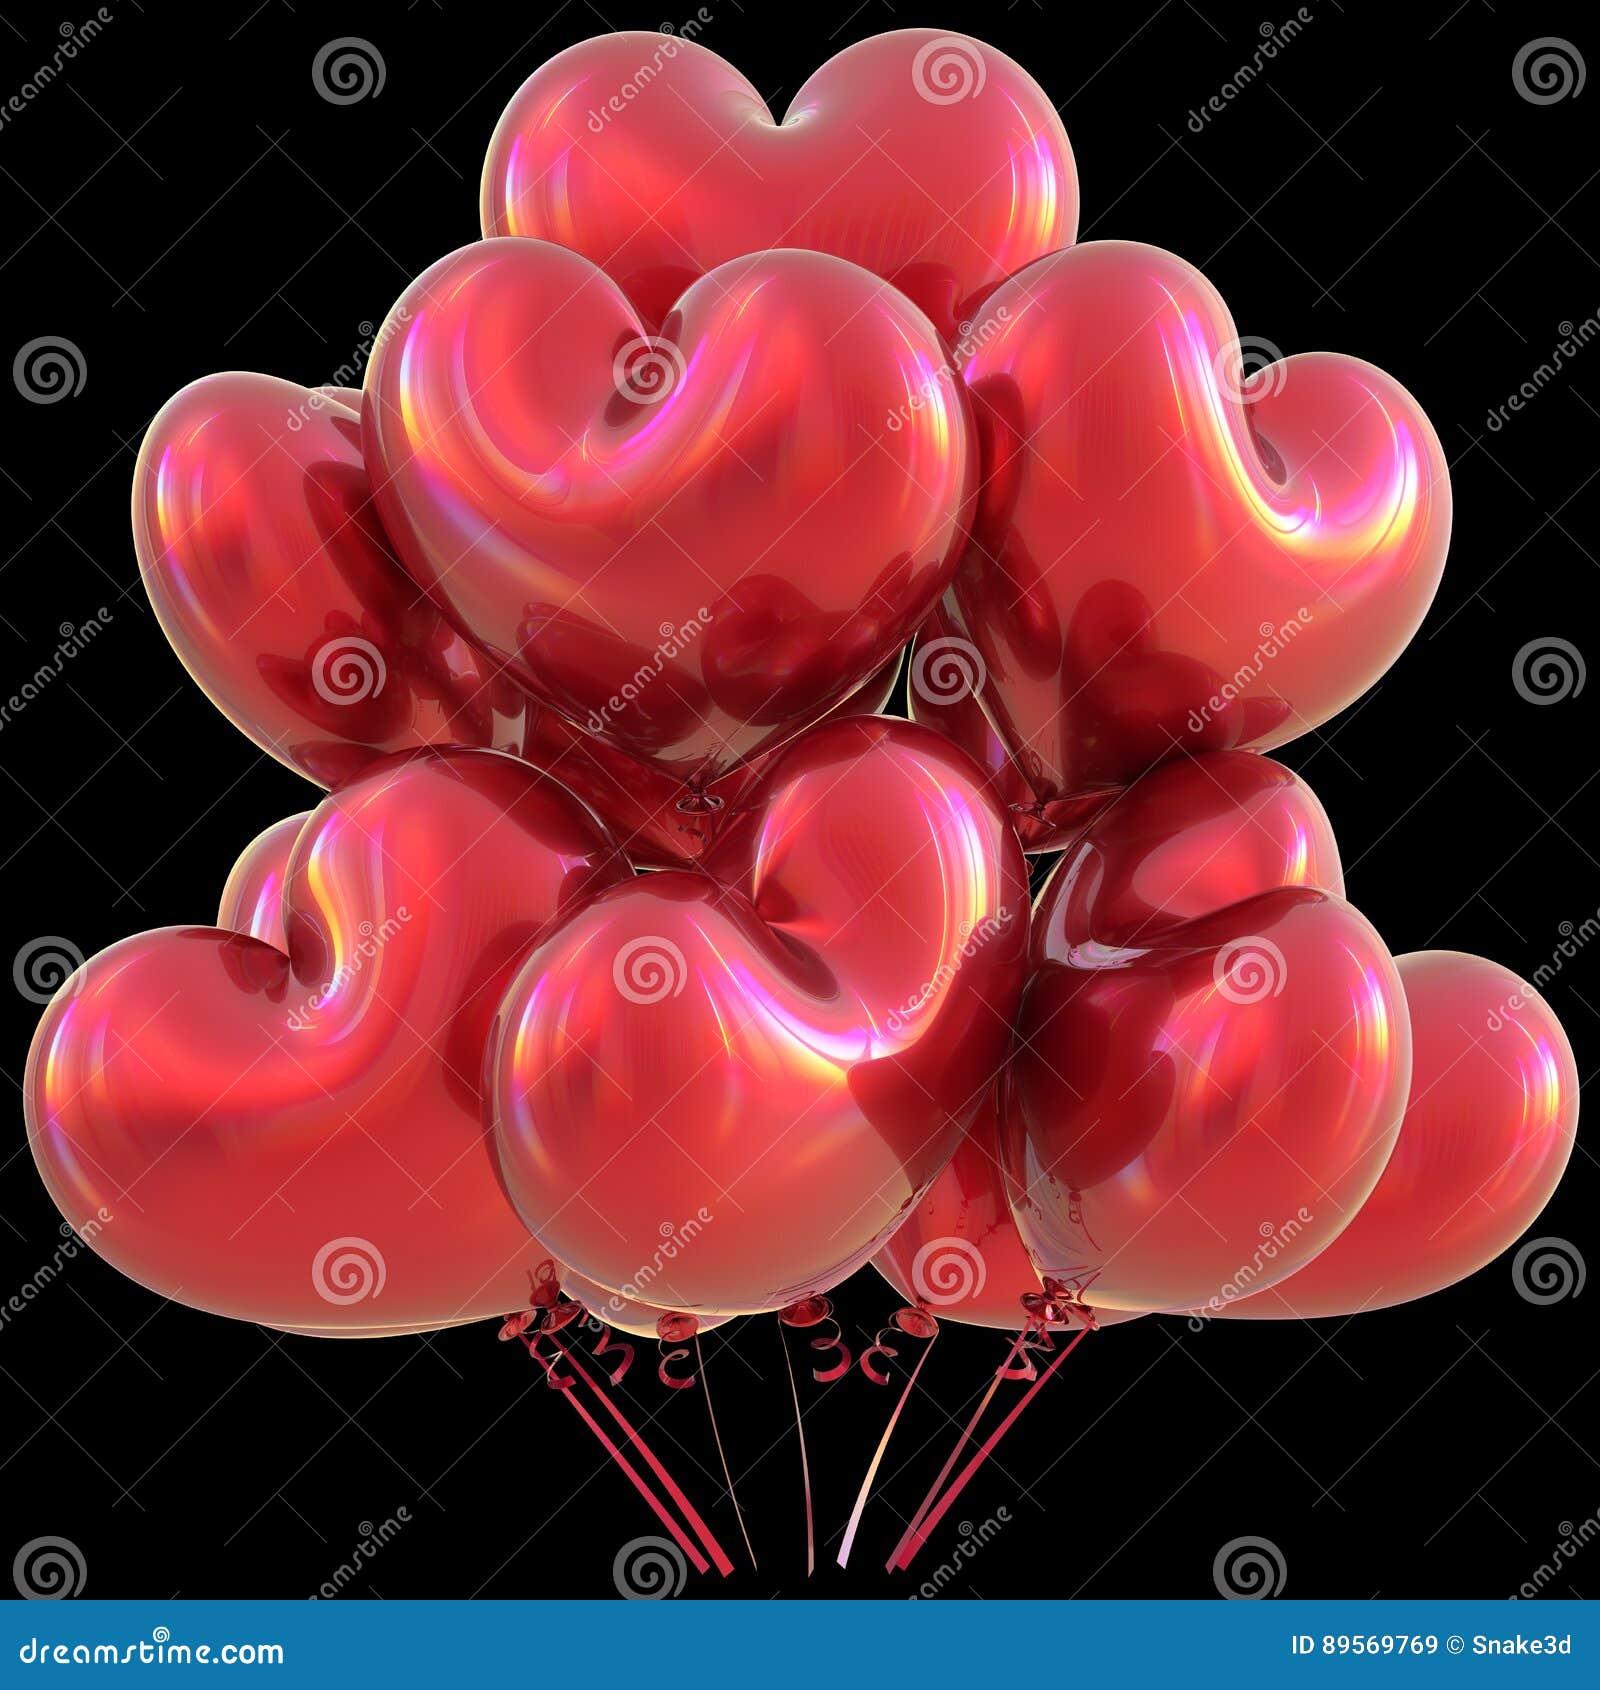 Faites La Fete La Decoration Rouge D Evenement D Amour De Joyeux Anniversaire De Ballons De Coeur Illustration Stock Illustration Du Decoration Coeur 89569769